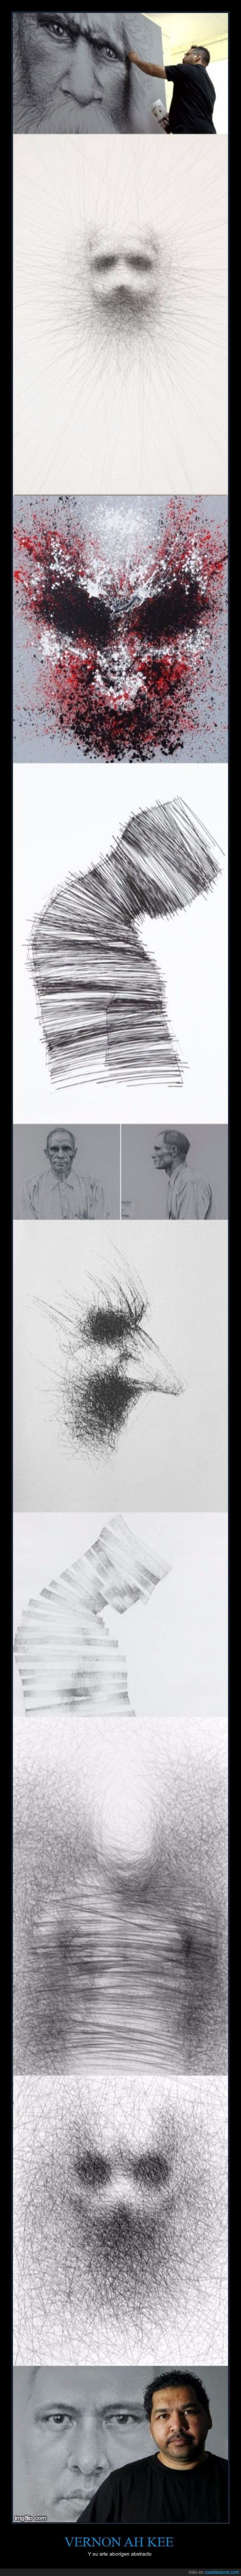 Algunas de sus obras dan bastante de mal rollo - Y su arte aborígen abstracto   Gracias a http://www.cuantarazon.com/   Si quieres leer la noticia completa visita: http://www.estoy-aburrido.com/algunas-de-sus-obras-dan-bastante-de-mal-rollo-y-su-arte-aborigen-abstracto/